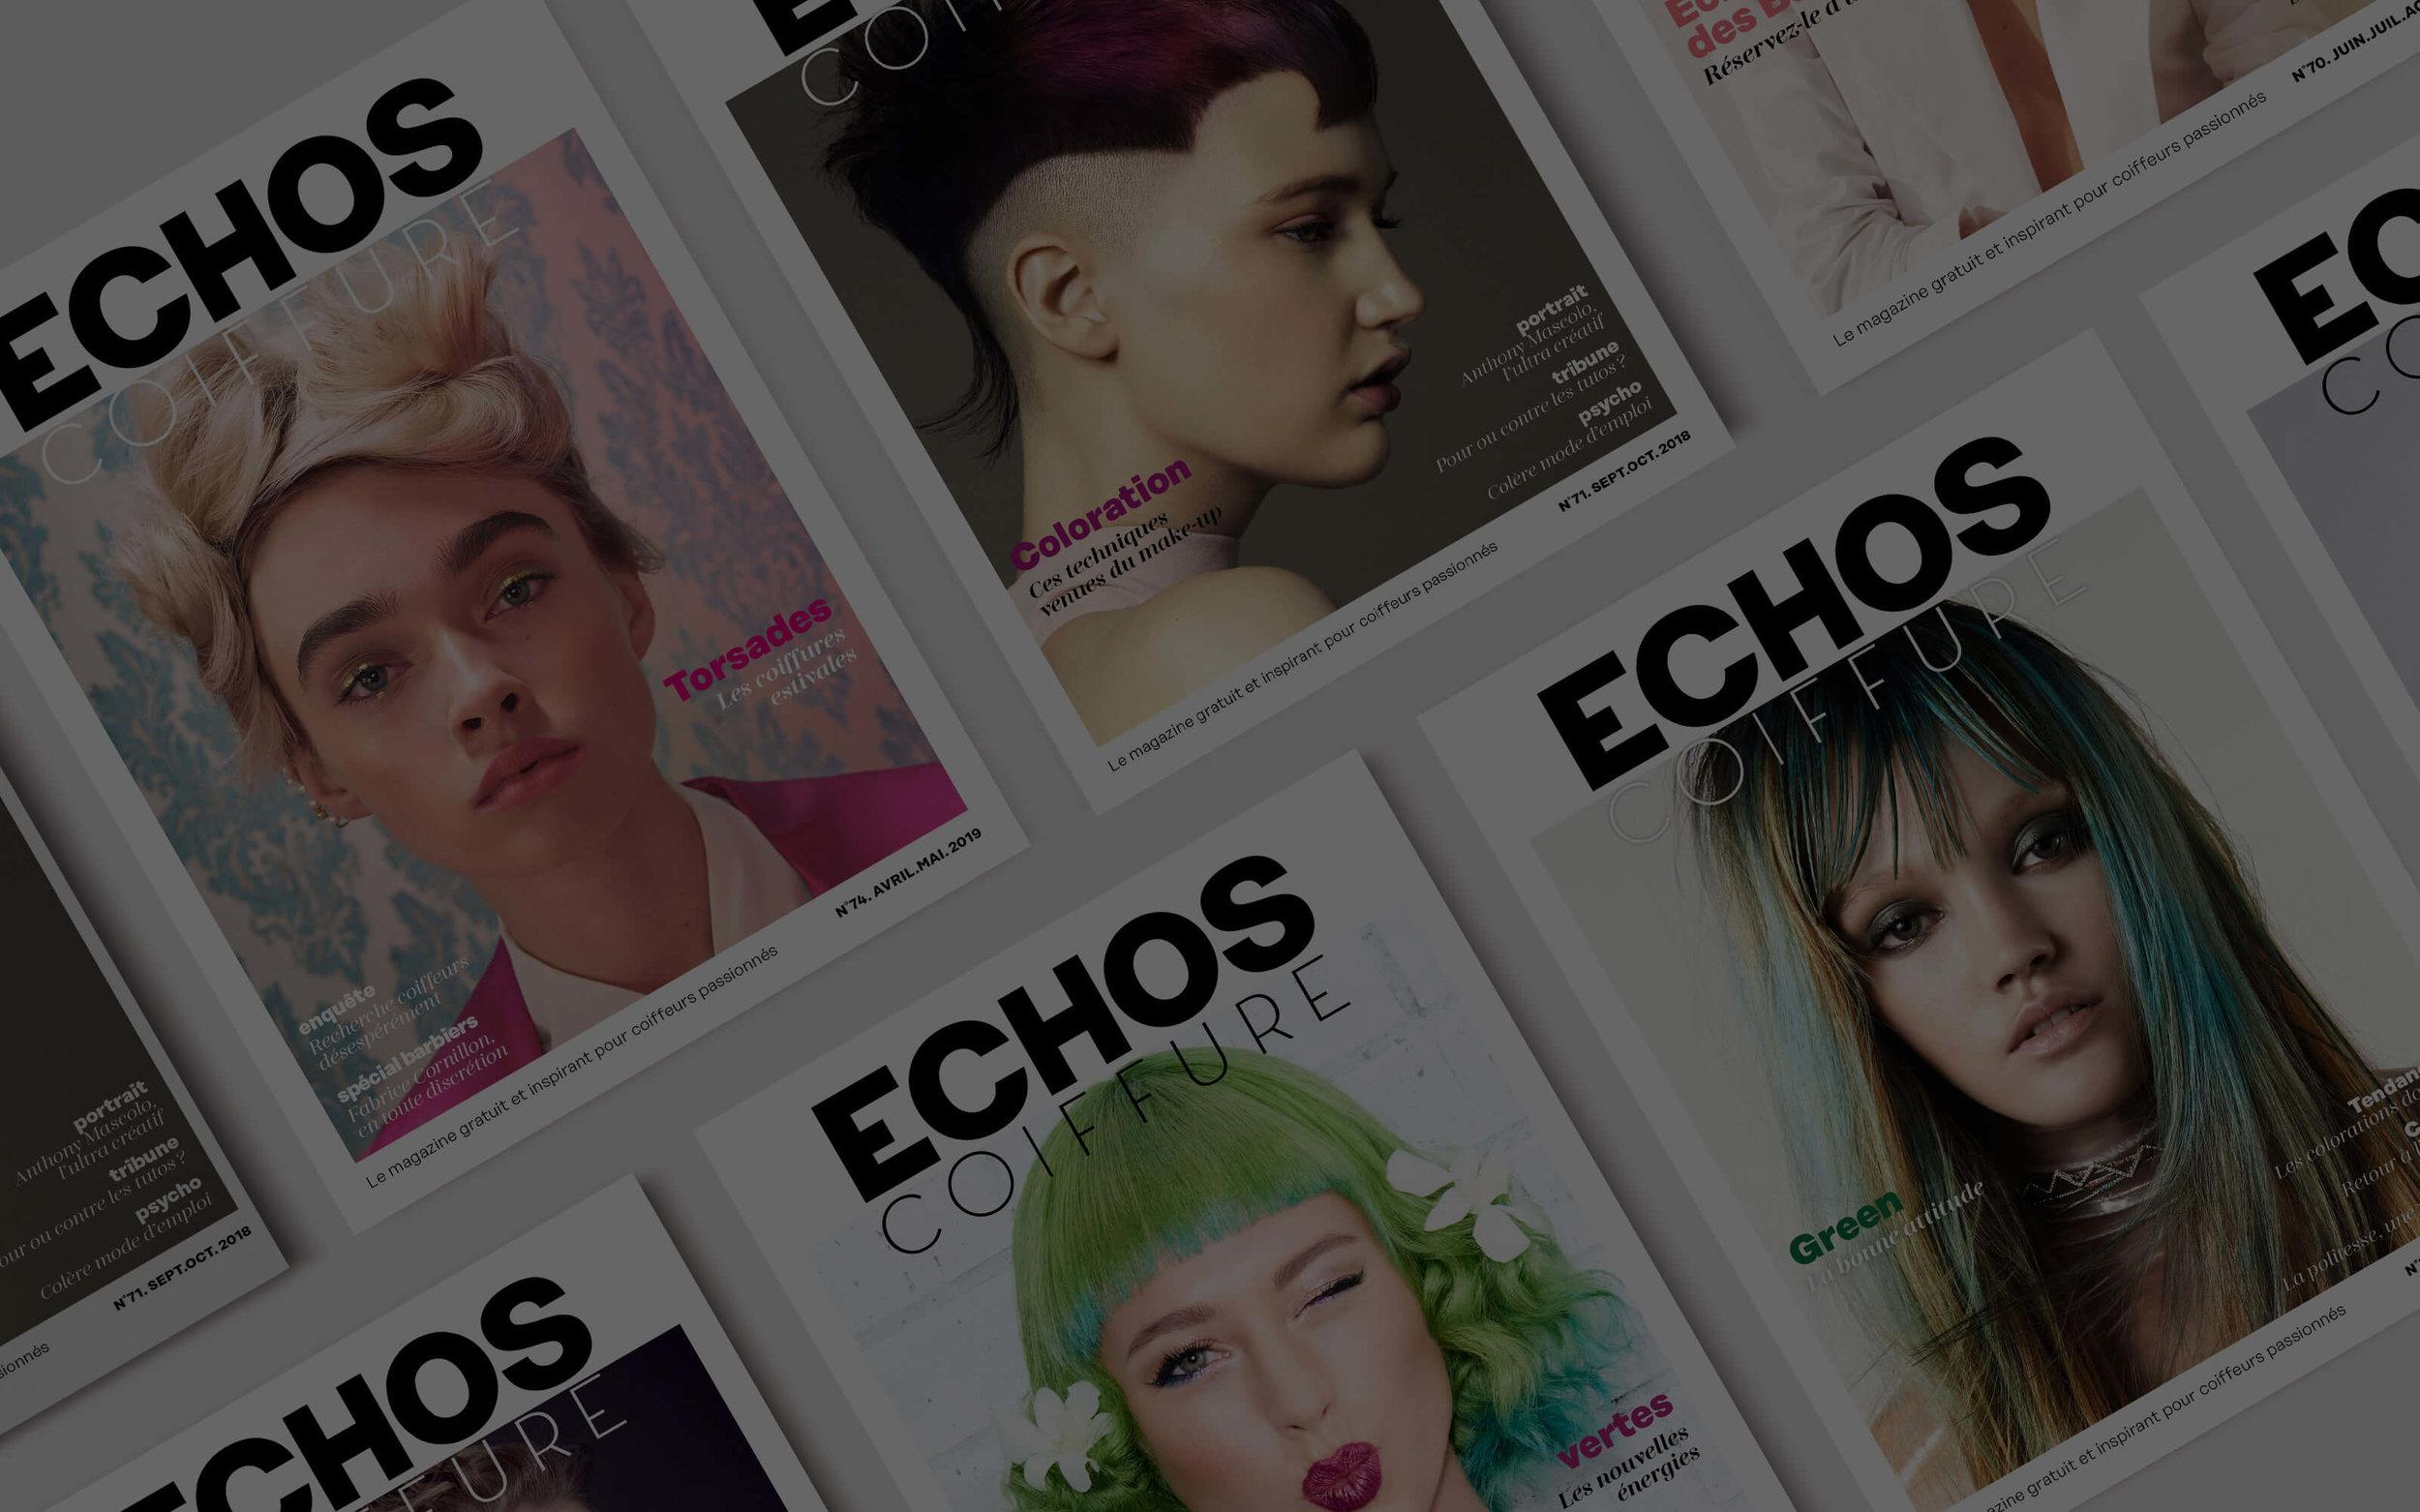 ECHOS coiffure est le magazinele plus lu des coiffeurs de France - Le recevez-vous ?